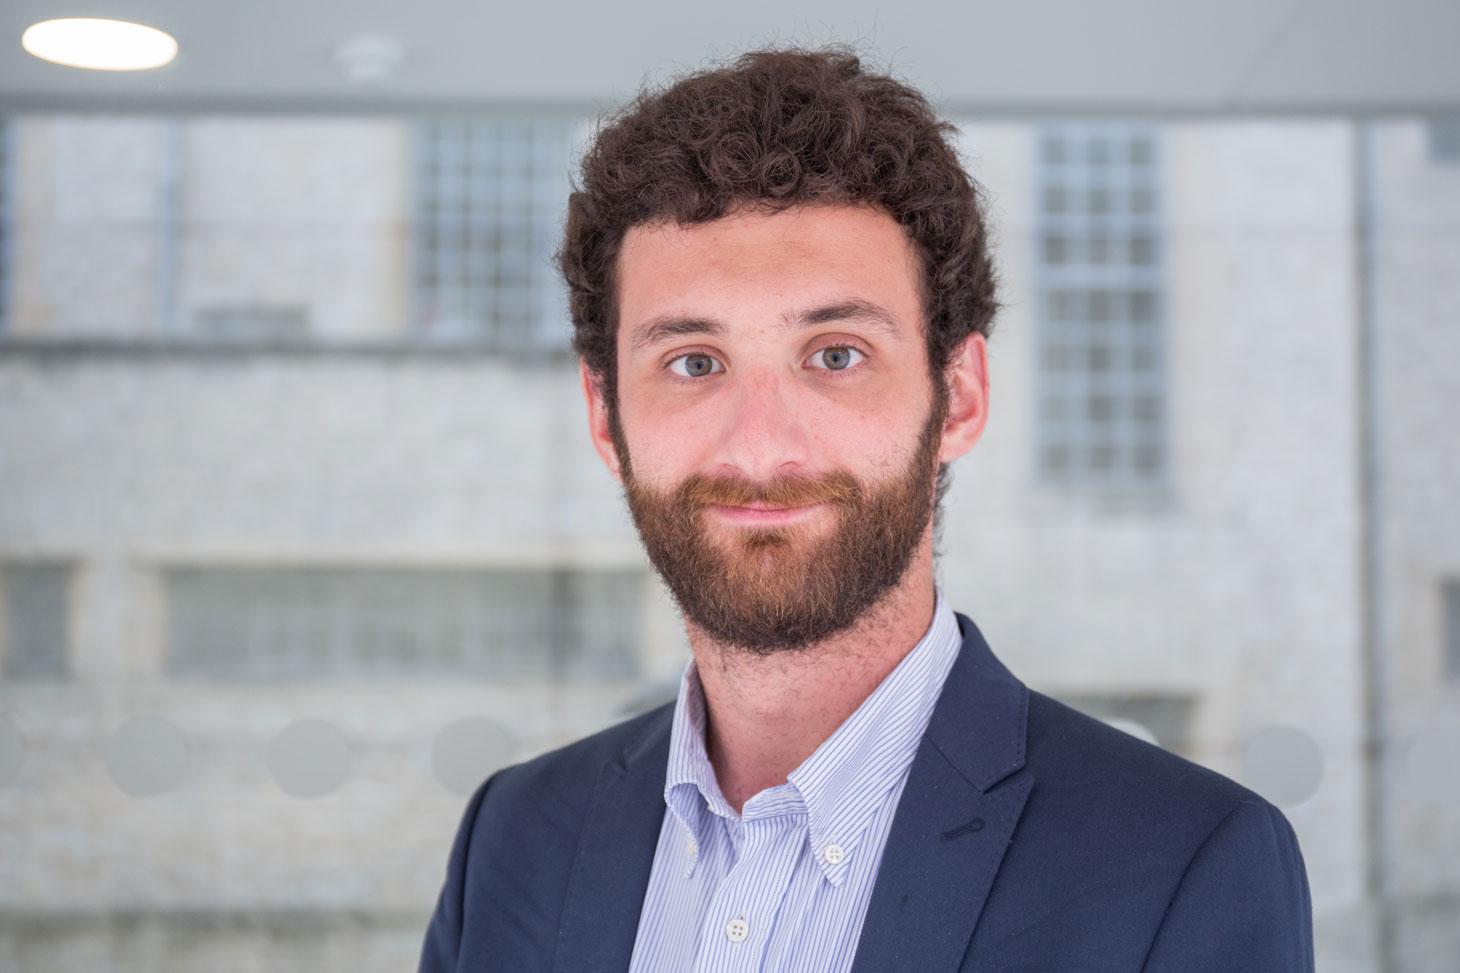 Doctorant du sein du Laboratoire de bioénergétique fondamentale et appliquée (LBFA), Martin Boutière fait partie des 28 meilleurs innovateurs européens nominés pour l'un des quatre prix des